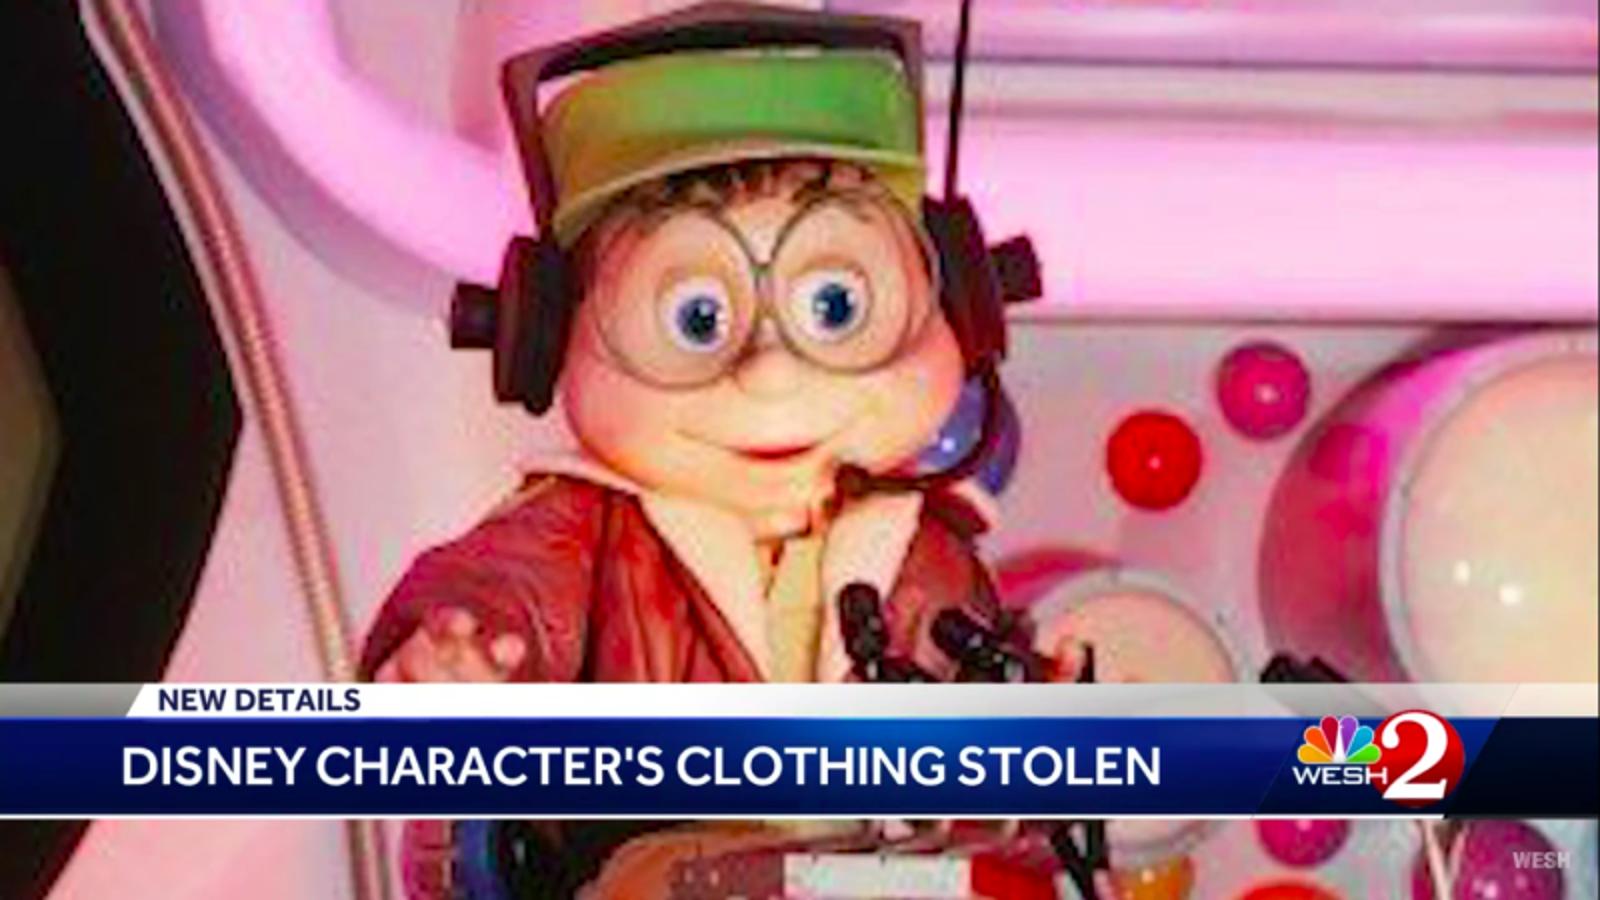 Los fans de Disney exigen justicia después de que alguien robase a uno de los robots animatrónicos de Disney World